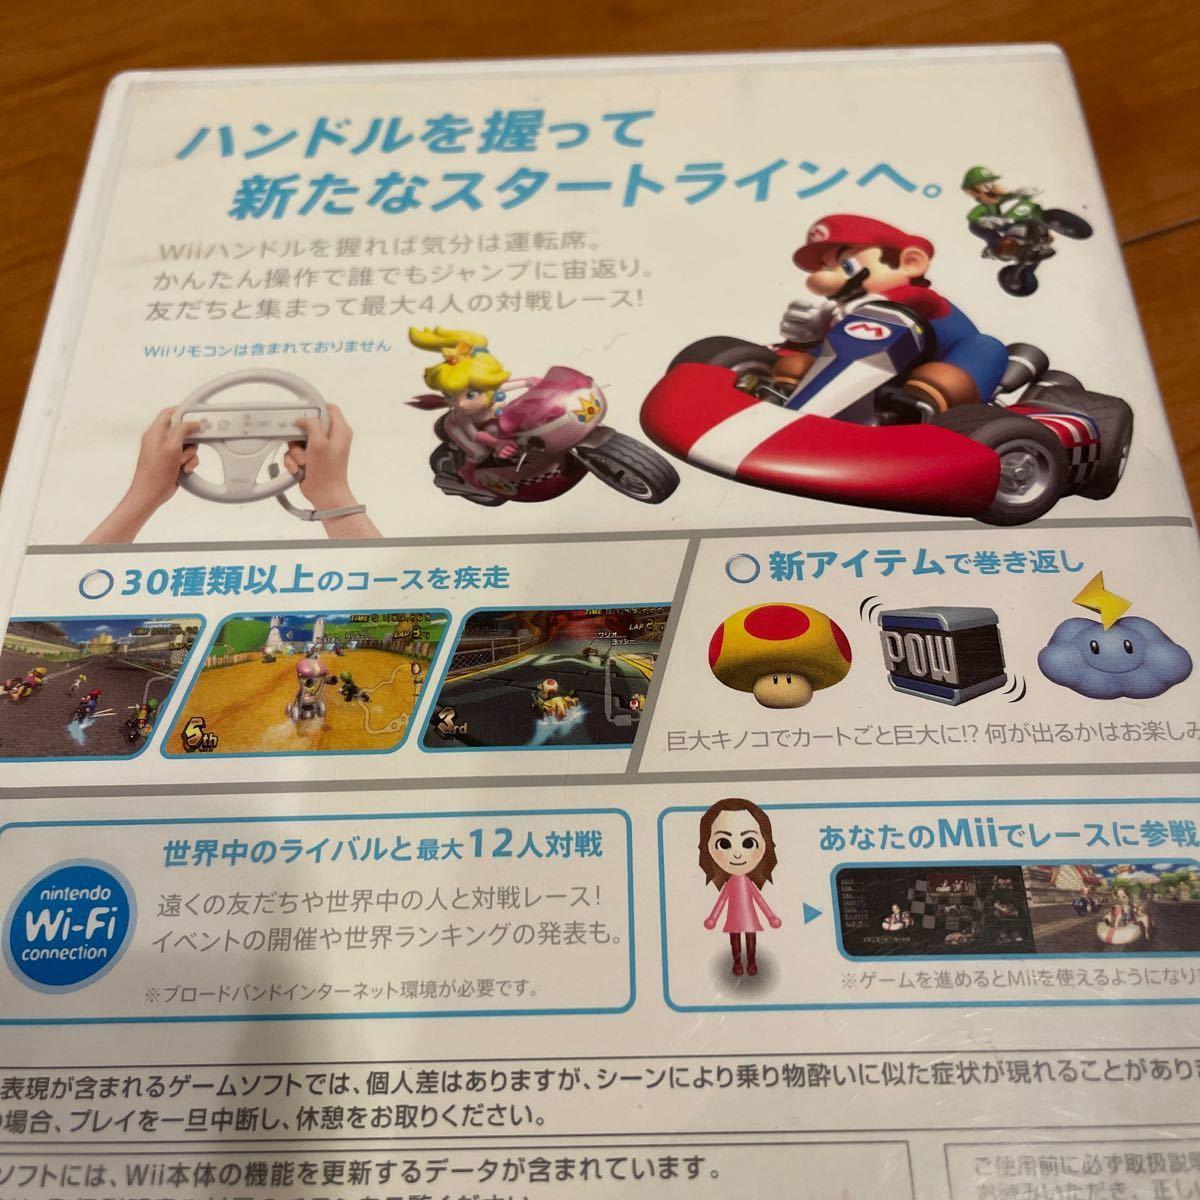 ニンテンドーWii   マリオカートソフト・ハンドル・リモコン